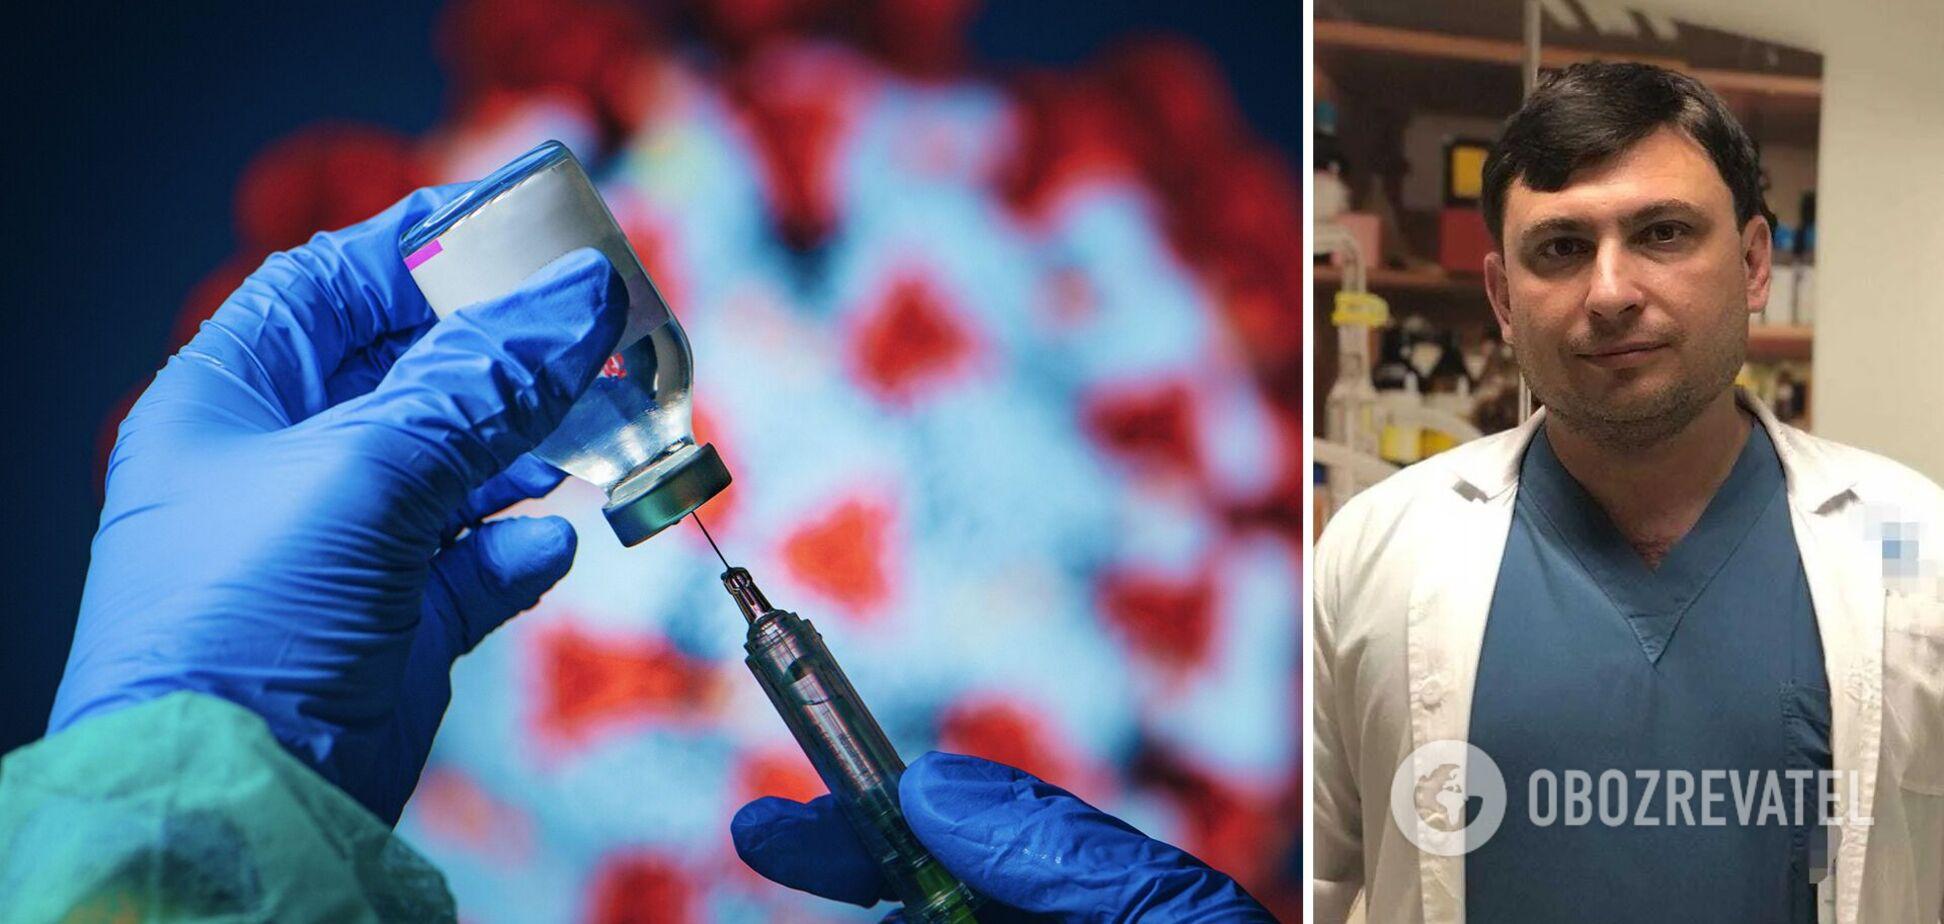 Лікар з Ізраїлю розповів, як помилки медиків убивають хворих на коронавірус українців. Бліцінтерв'ю